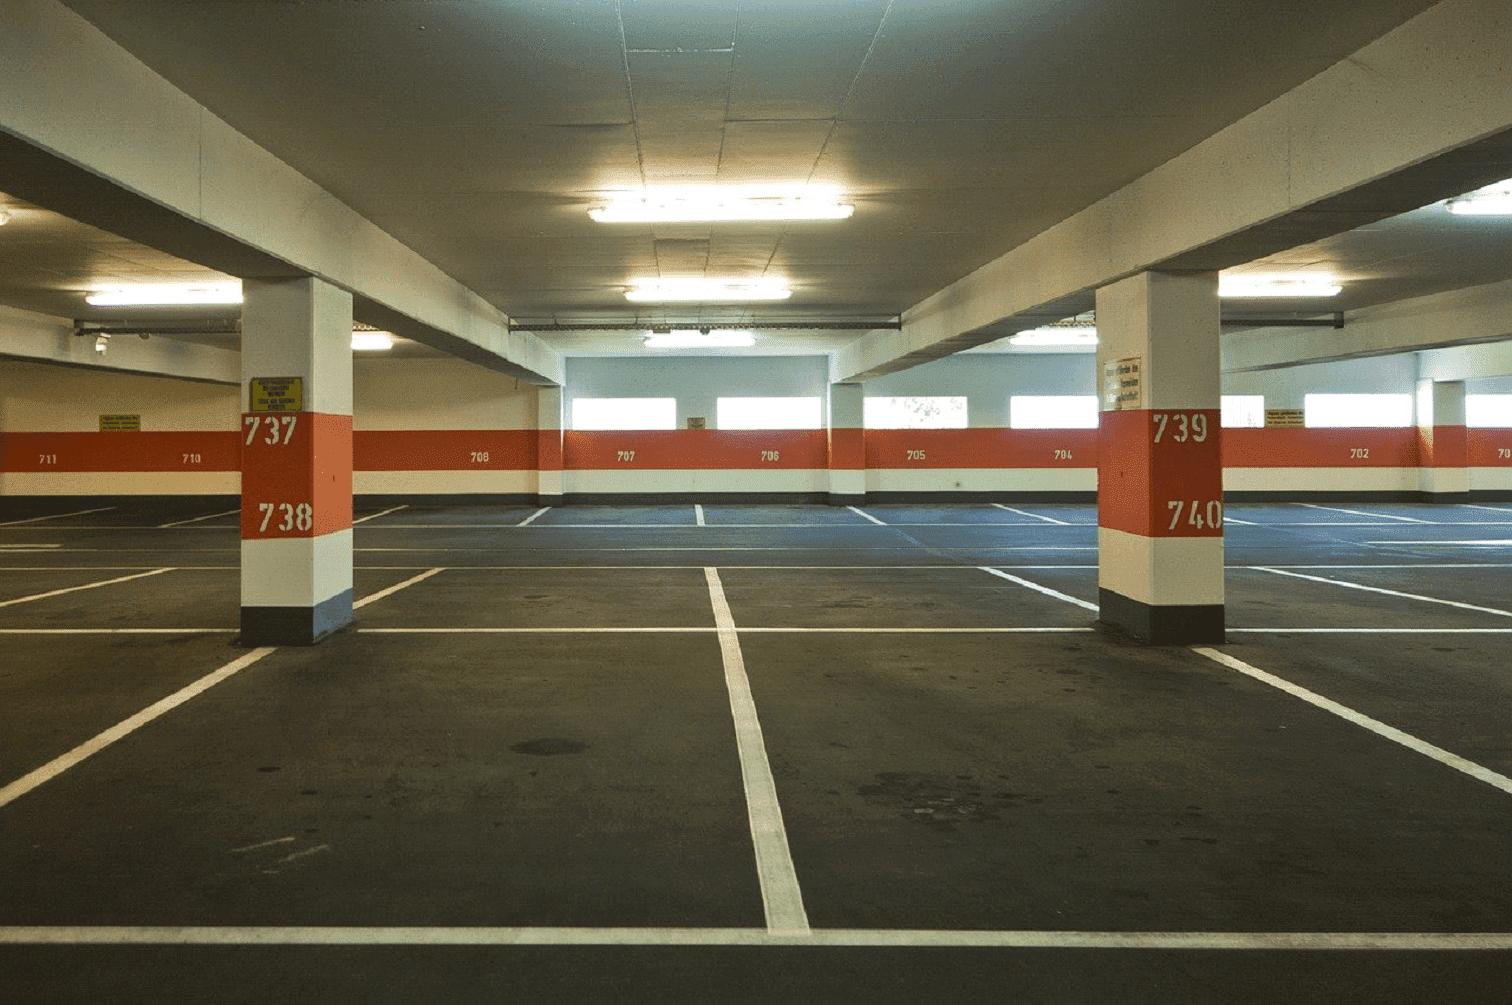 marquage au sol de stationnements dans un garage sous terrain.